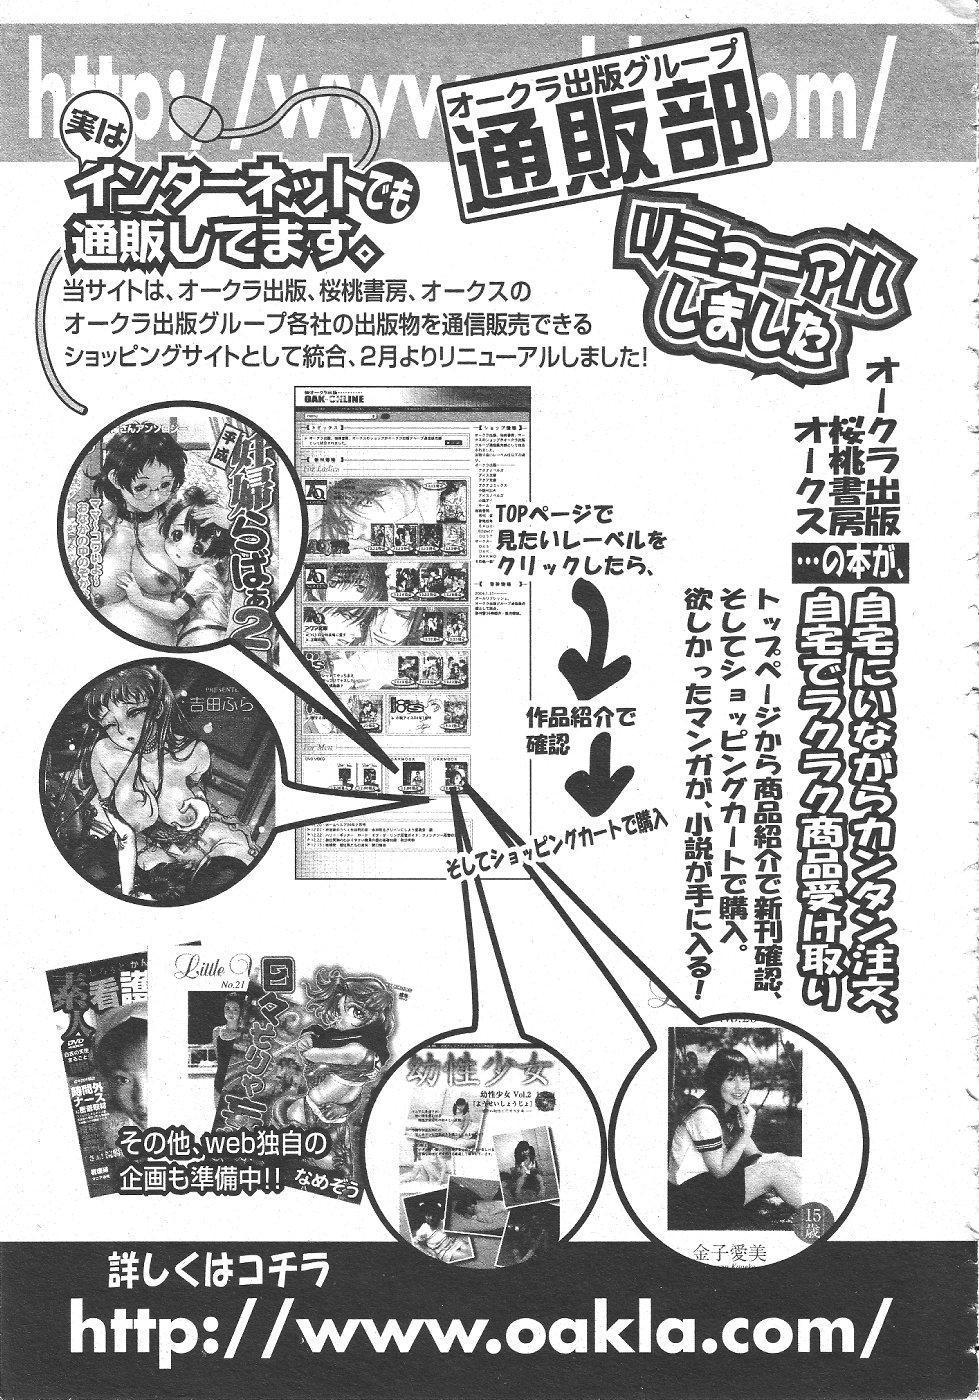 Gekkan Comic Muga 2004-06 Vol.10 428